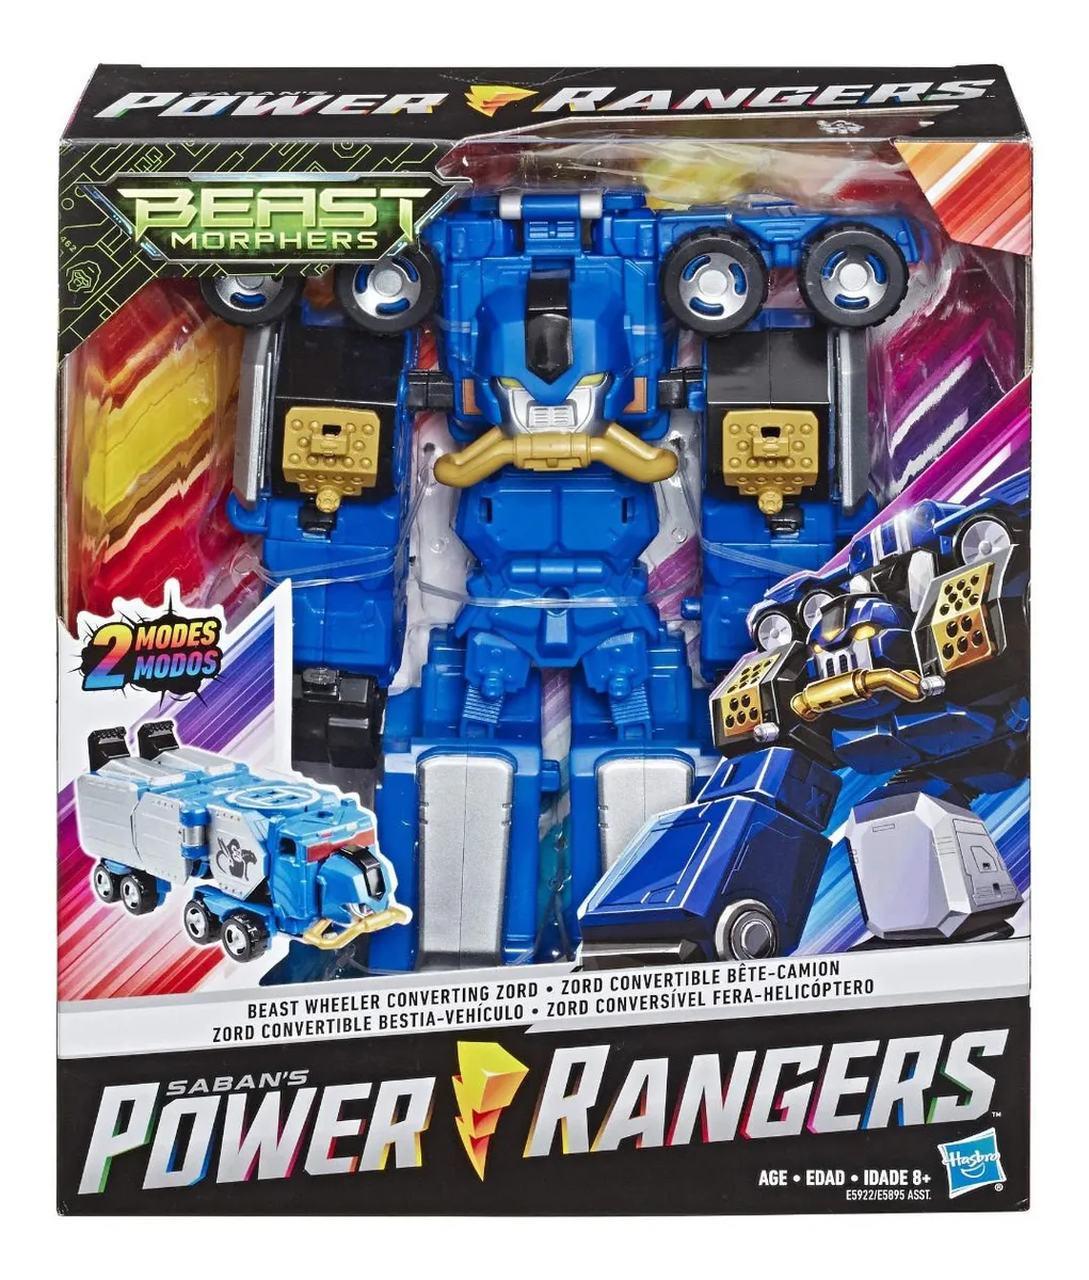 Boneco Power Rangers Zord Conversível Fera-Caminhão 2 Modos